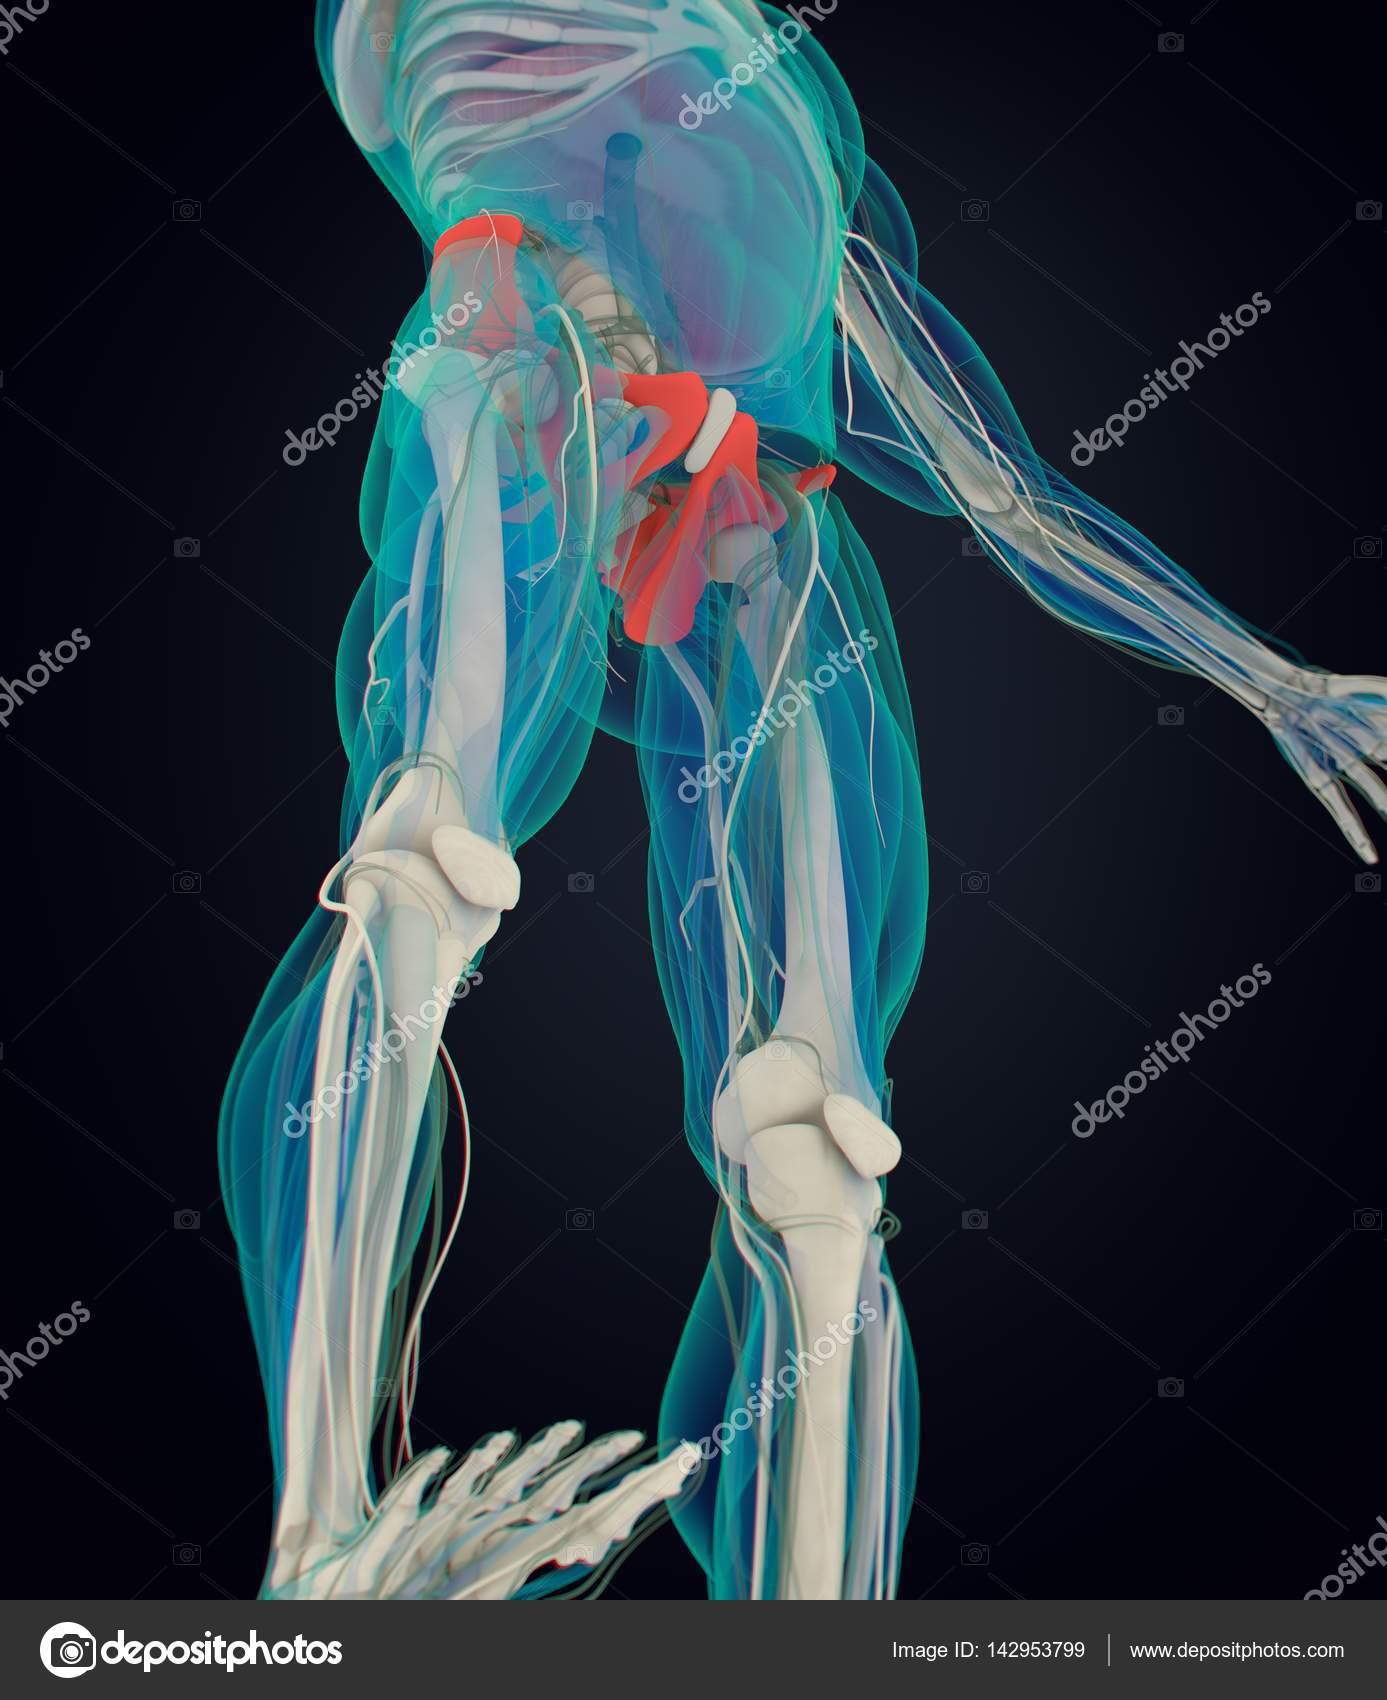 modelo de anatomía de hueso ilíaco — Fotos de Stock © AnatomyInsider ...